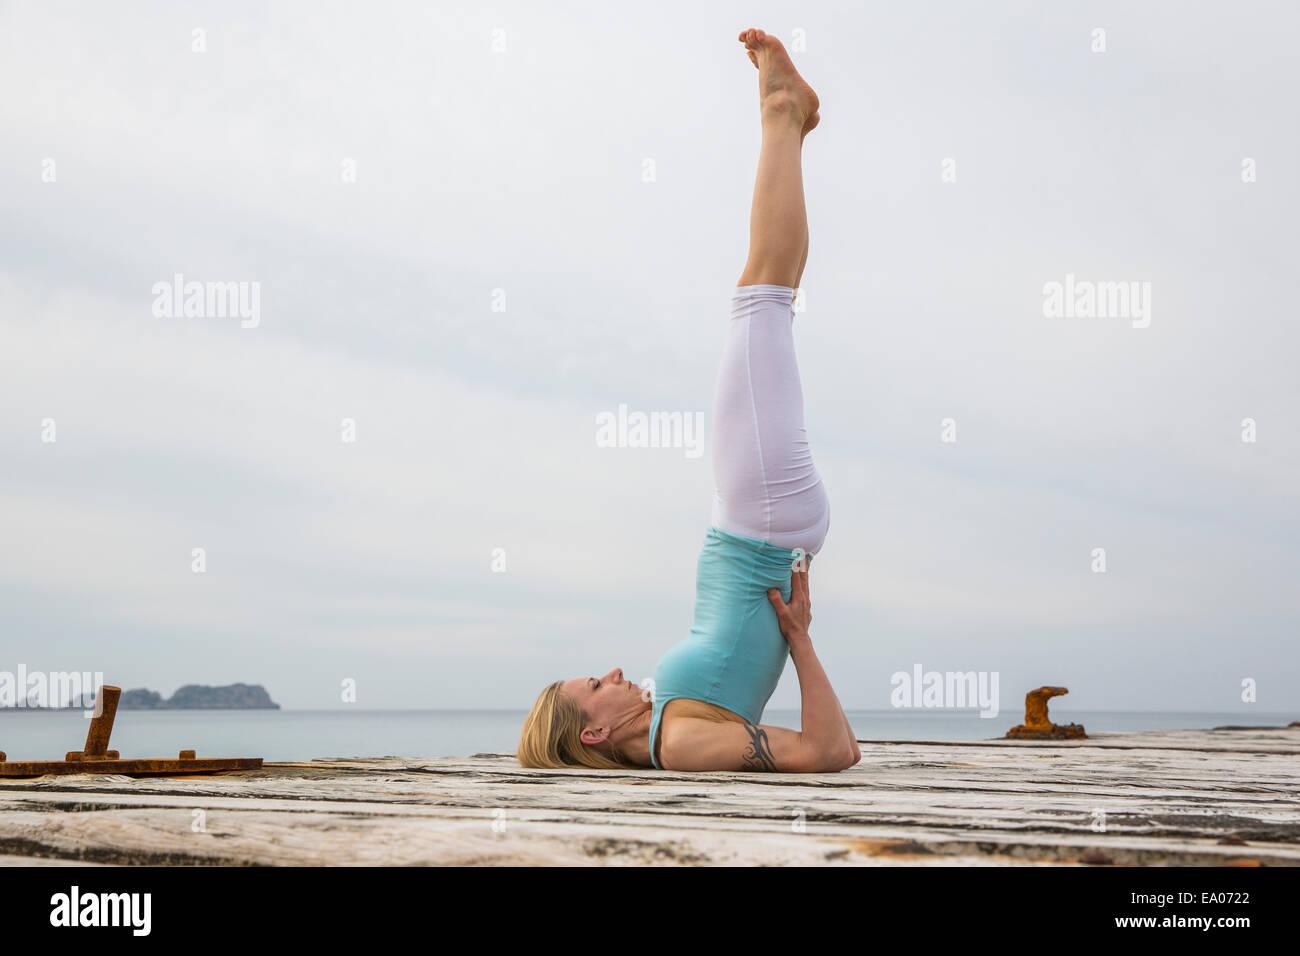 Mitte Erwachsene Frau mit Beine angehoben Yoga zu praktizieren auf hölzernen See pier Stockbild